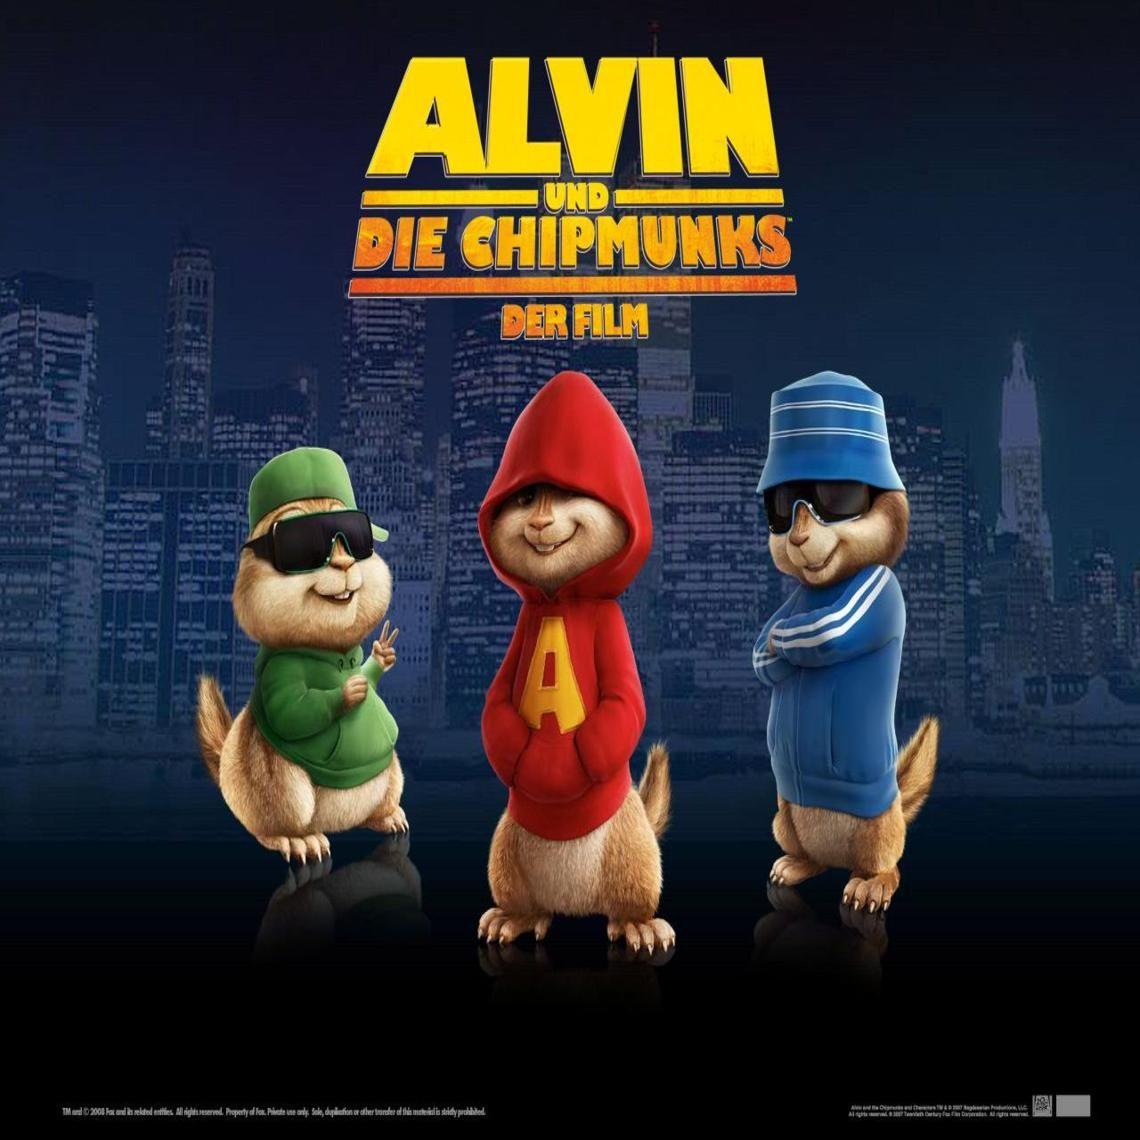 alvin und die chipmunks wallpaper pinterest chipmunks alvin and the chipmunks and. Black Bedroom Furniture Sets. Home Design Ideas